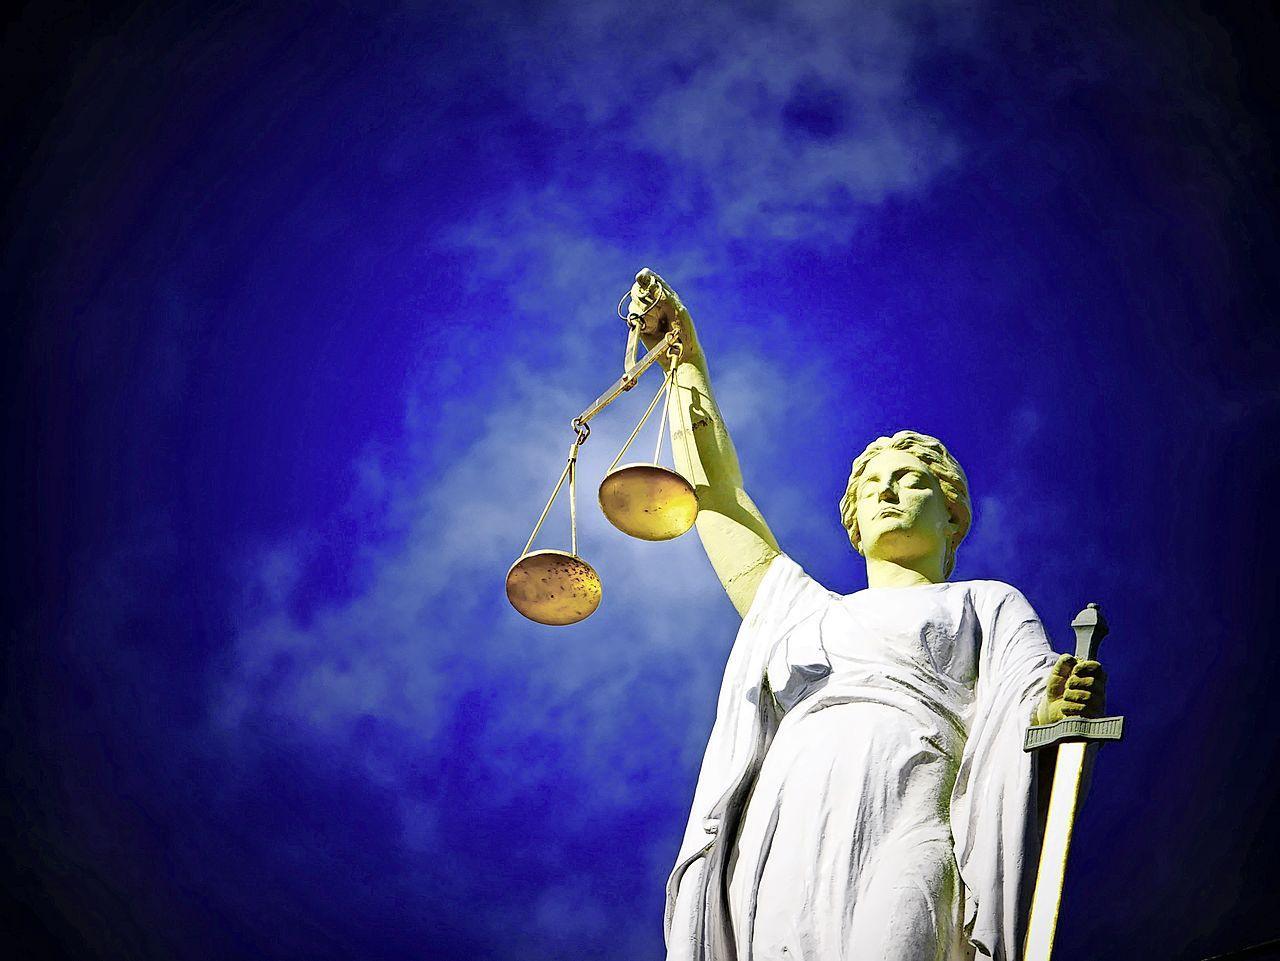 Rechter staat omstreden privacyscherm in Volendam toe